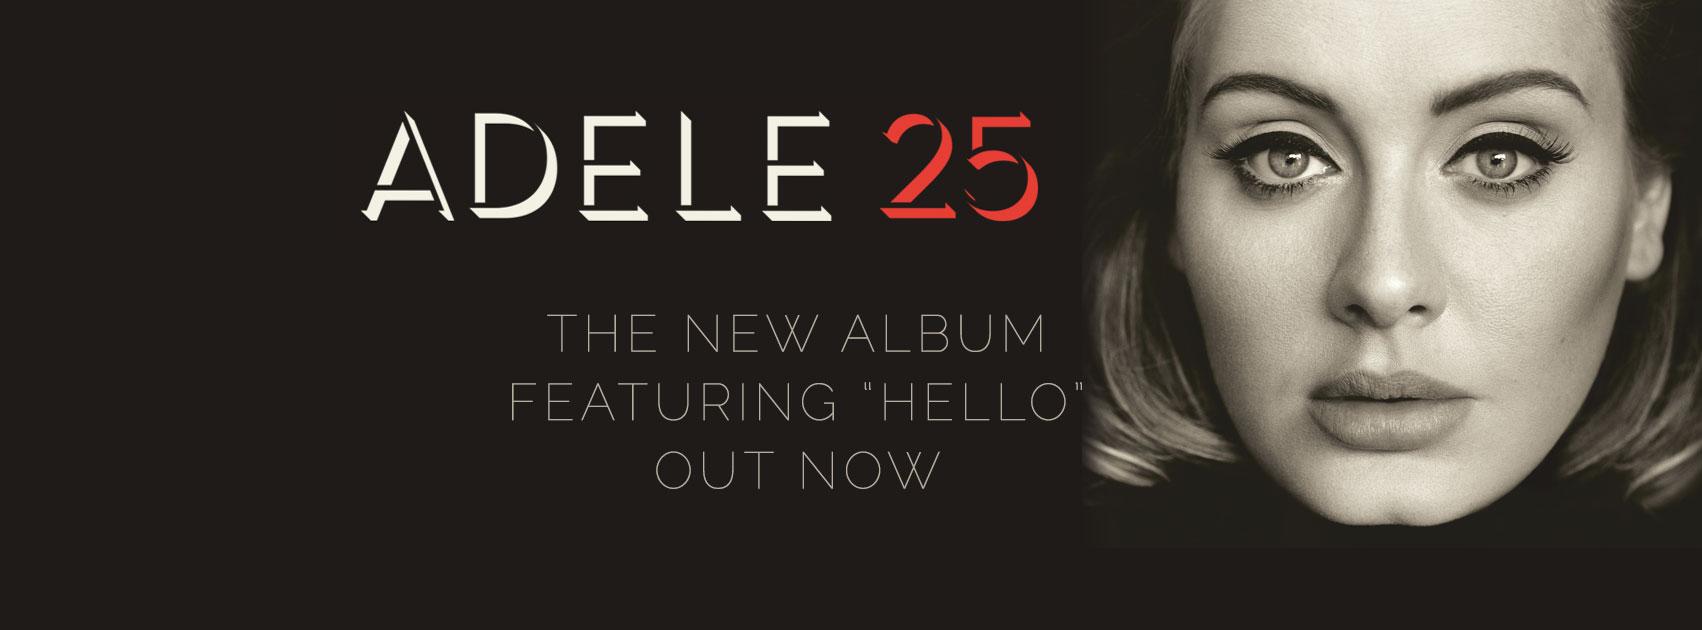 愛黛兒的《Hello》真的很強欸~不但賣得強強滾,一堆人還接著翻唱,造成的網路的瘋狂轉載~